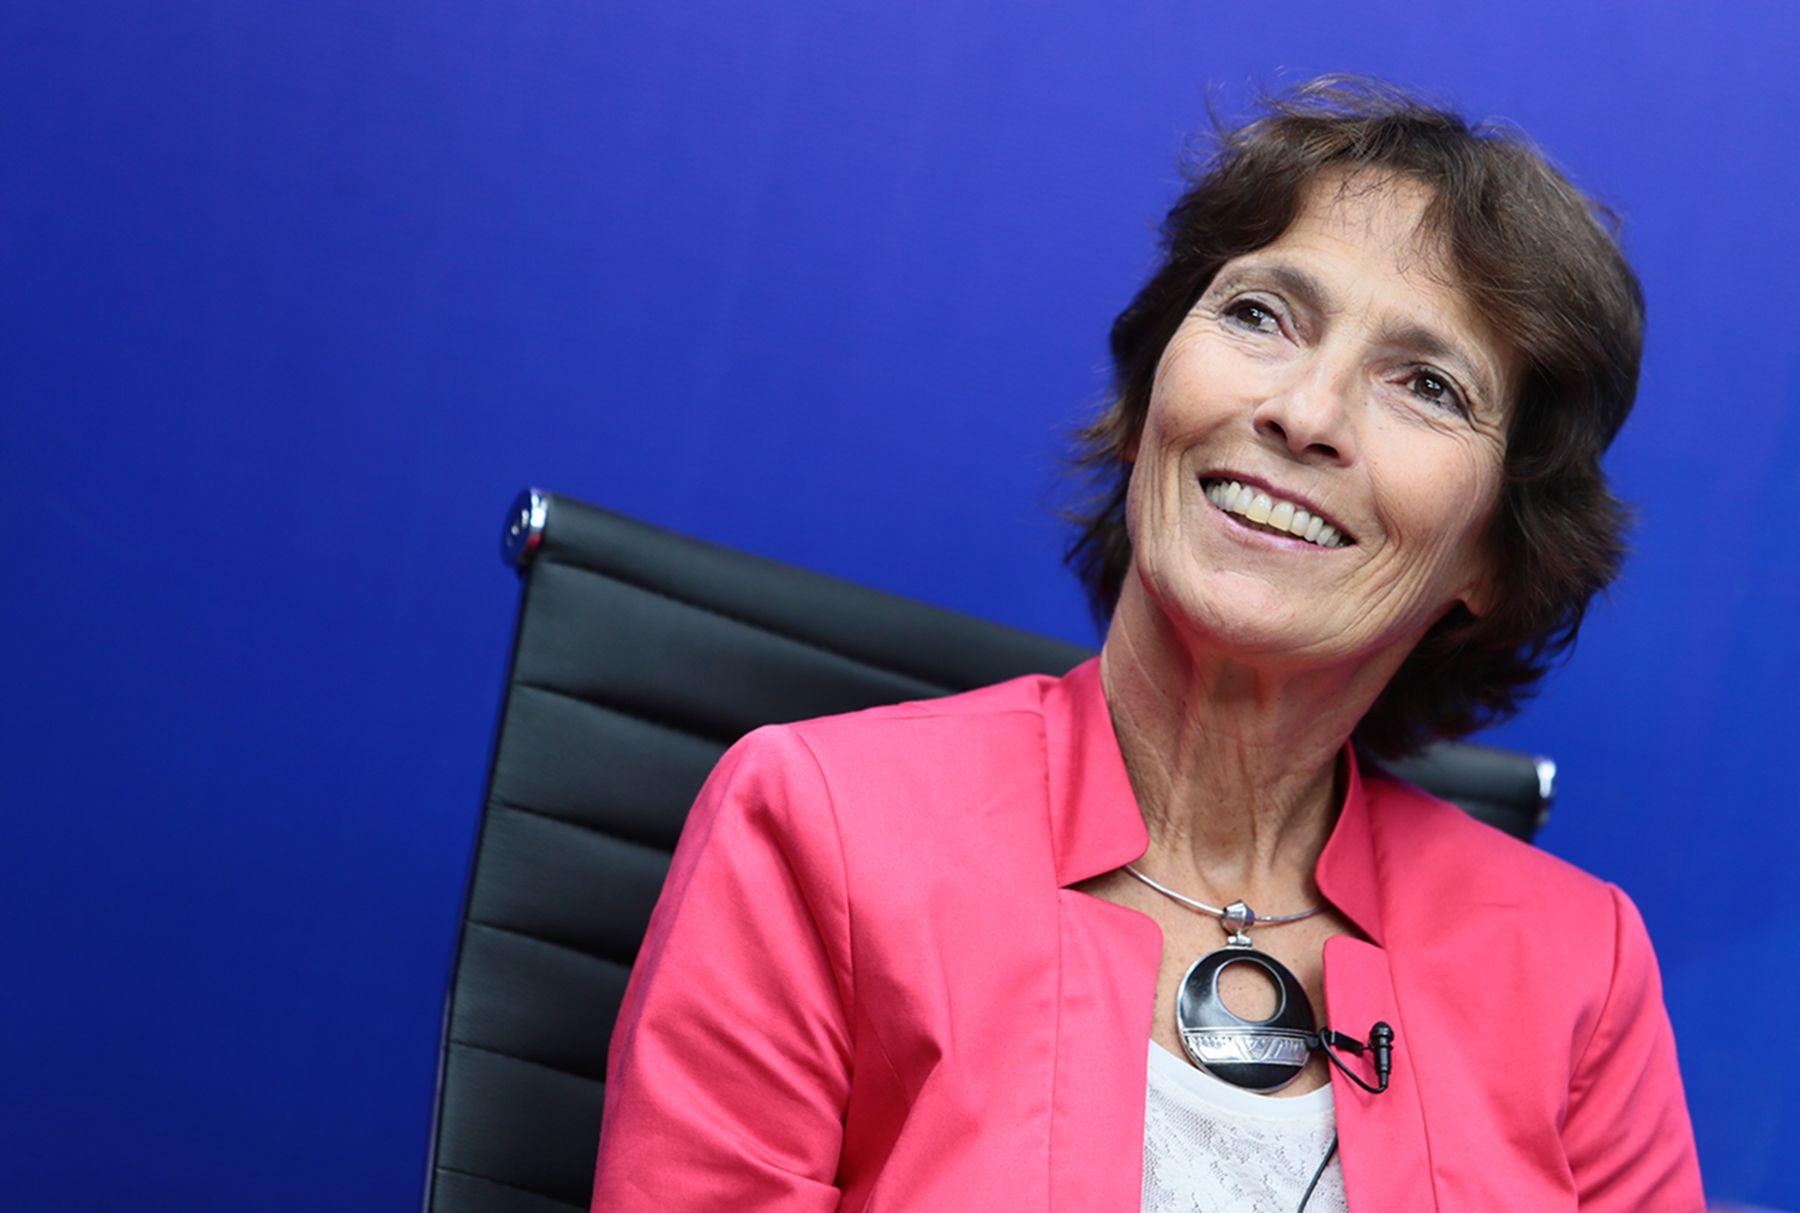 Embajadora de la Unión Europea en el Perú, Irene Horejs.Foto: ANDINA/Carlos Lezama